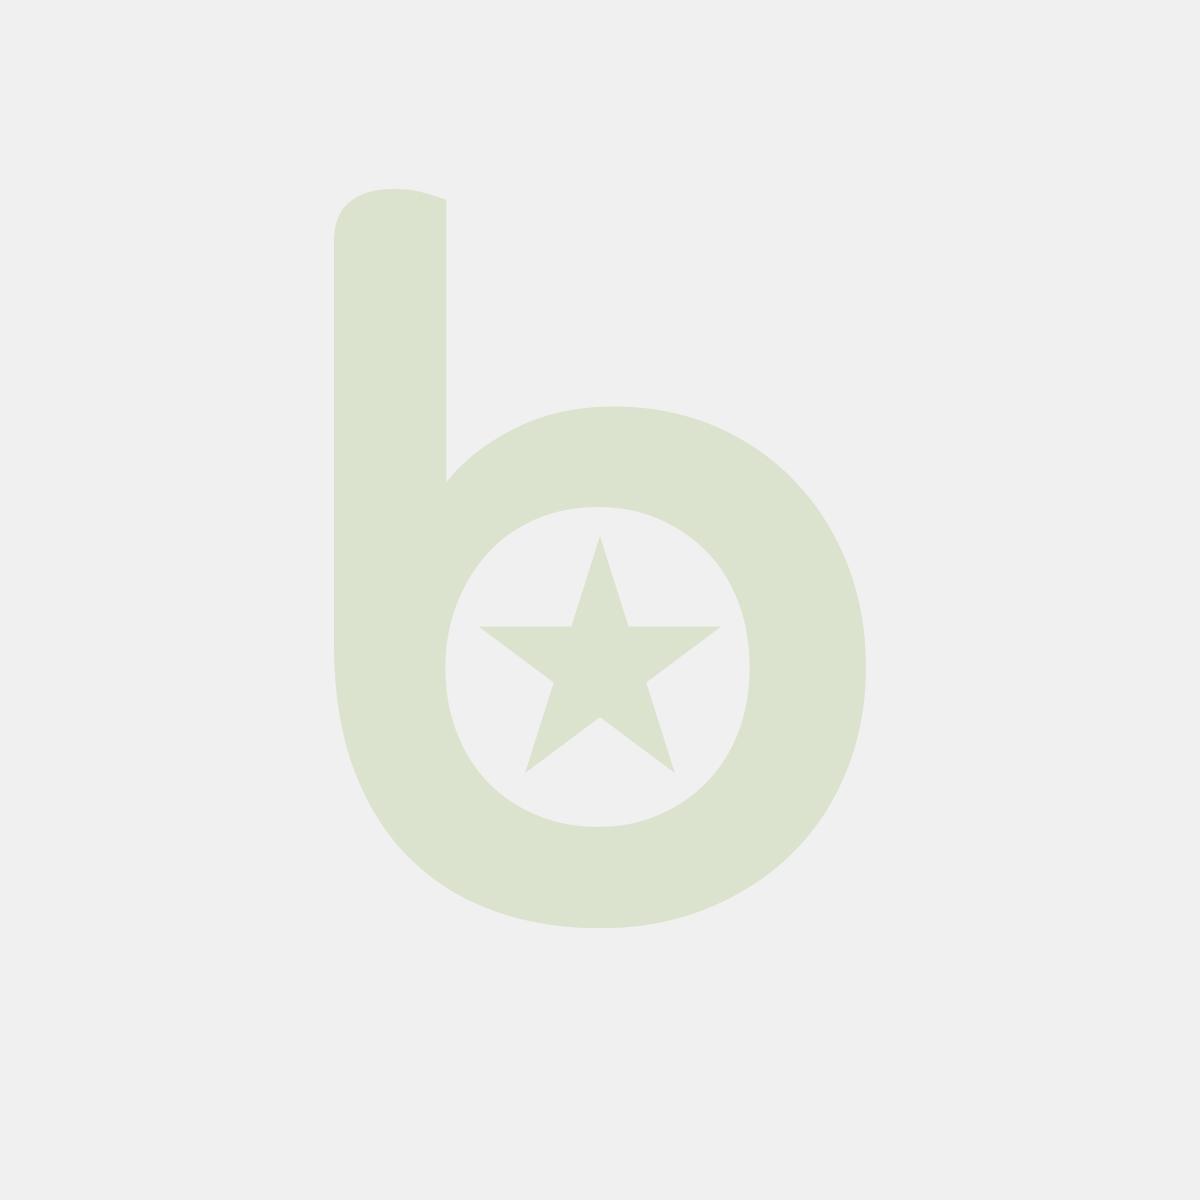 Miseczka kwadratowa Diamente 24x24x13 biała melamina